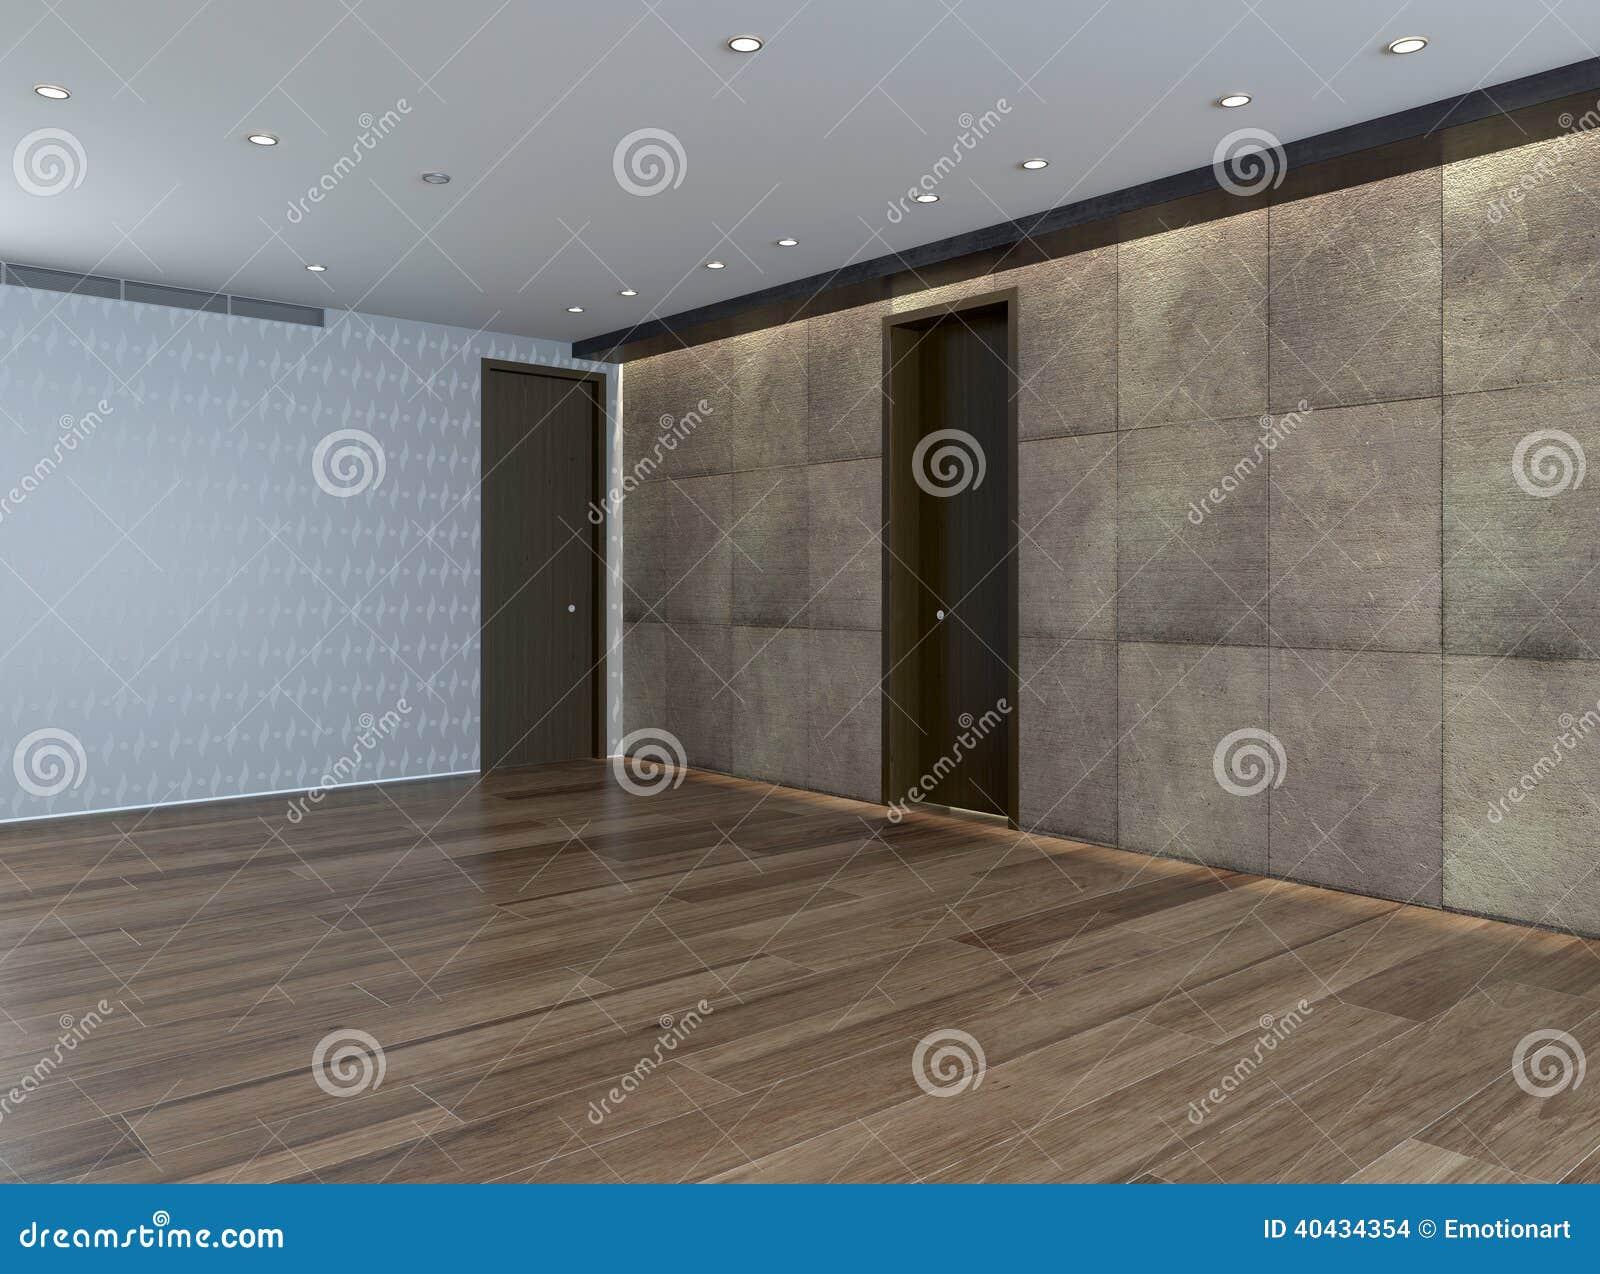 leerer raum mit steinwand und parkettboden stock abbildung. Black Bedroom Furniture Sets. Home Design Ideas